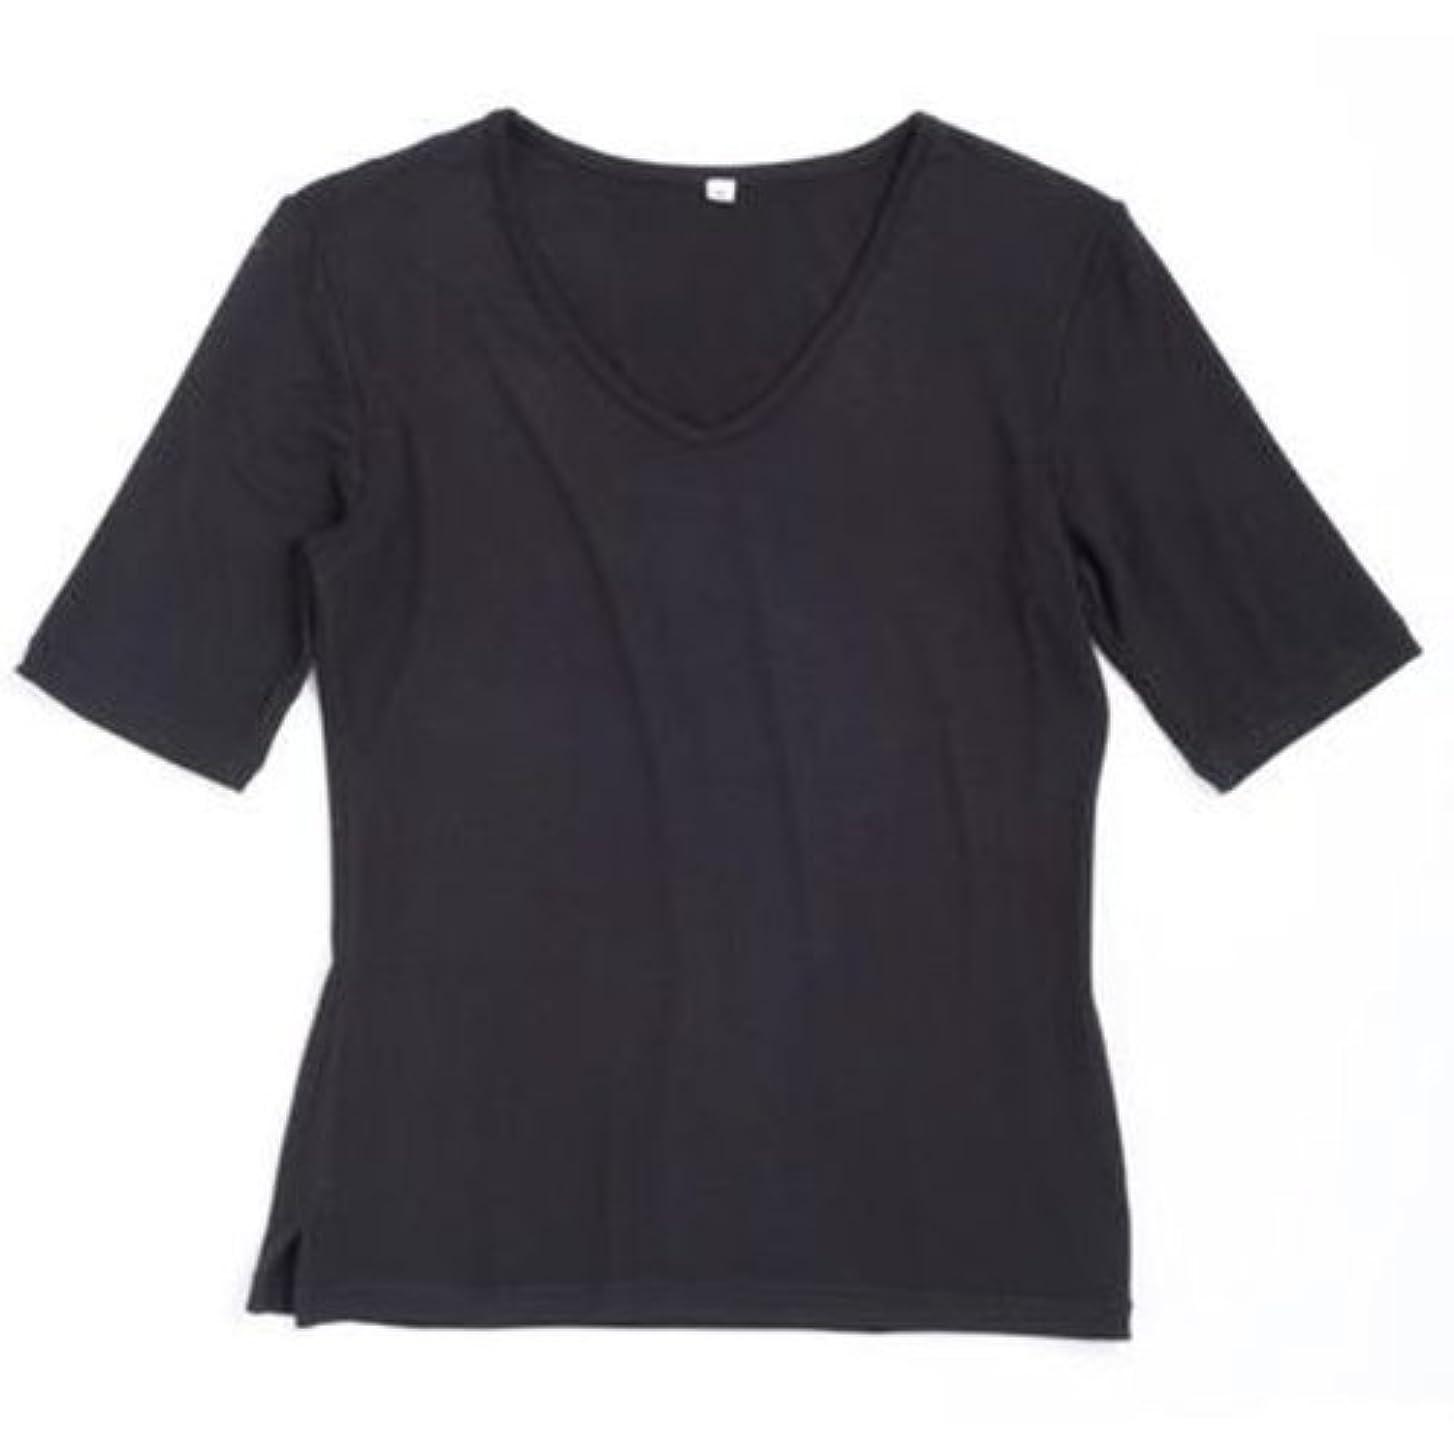 句煩わしい郵便屋さん竹スタイル Vネック半袖Tシャツ レディース ブラック M